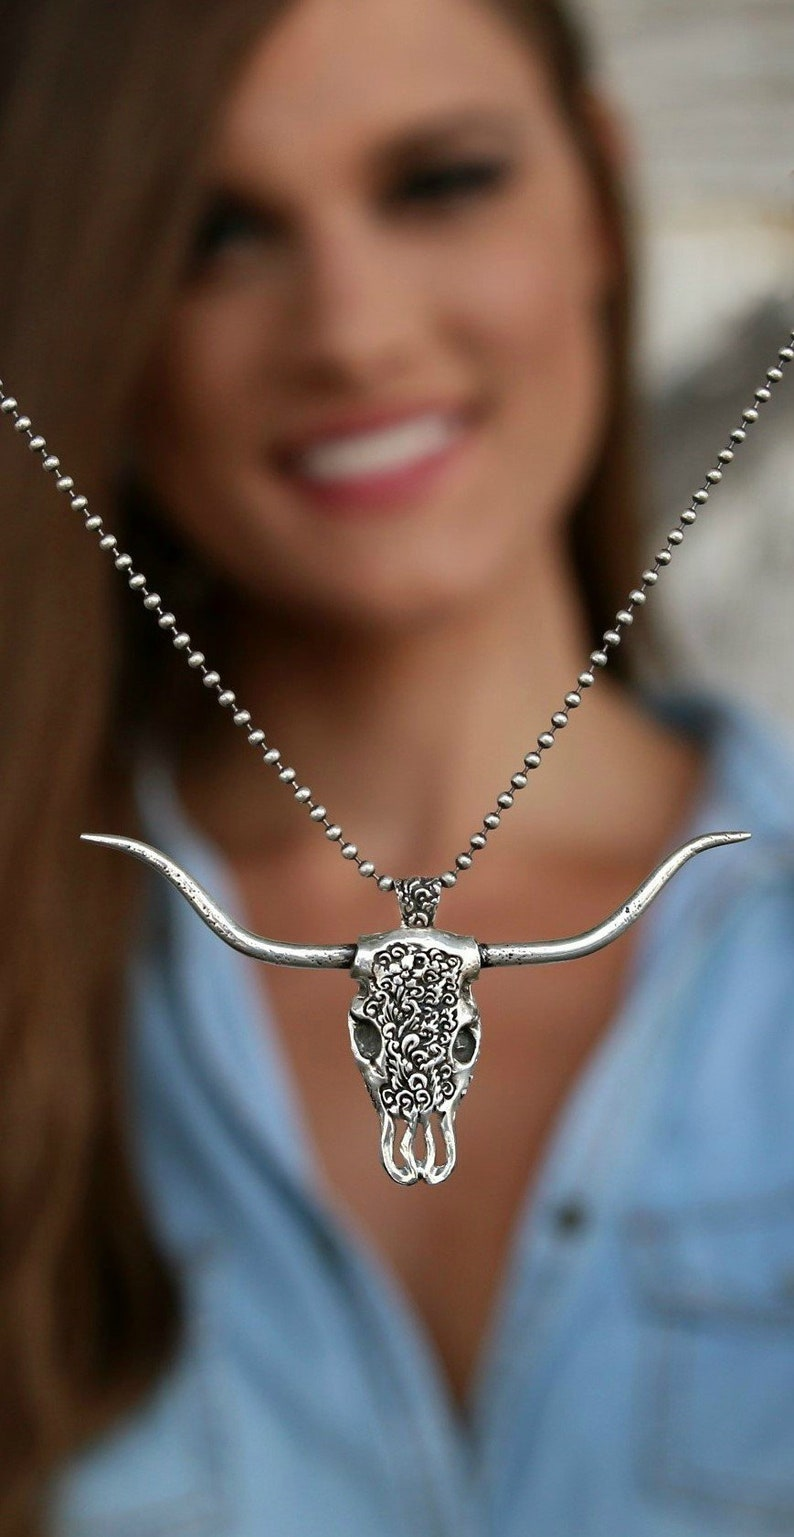 Western Bull Skull Necklace Carved Bison Head Southwestern image 0